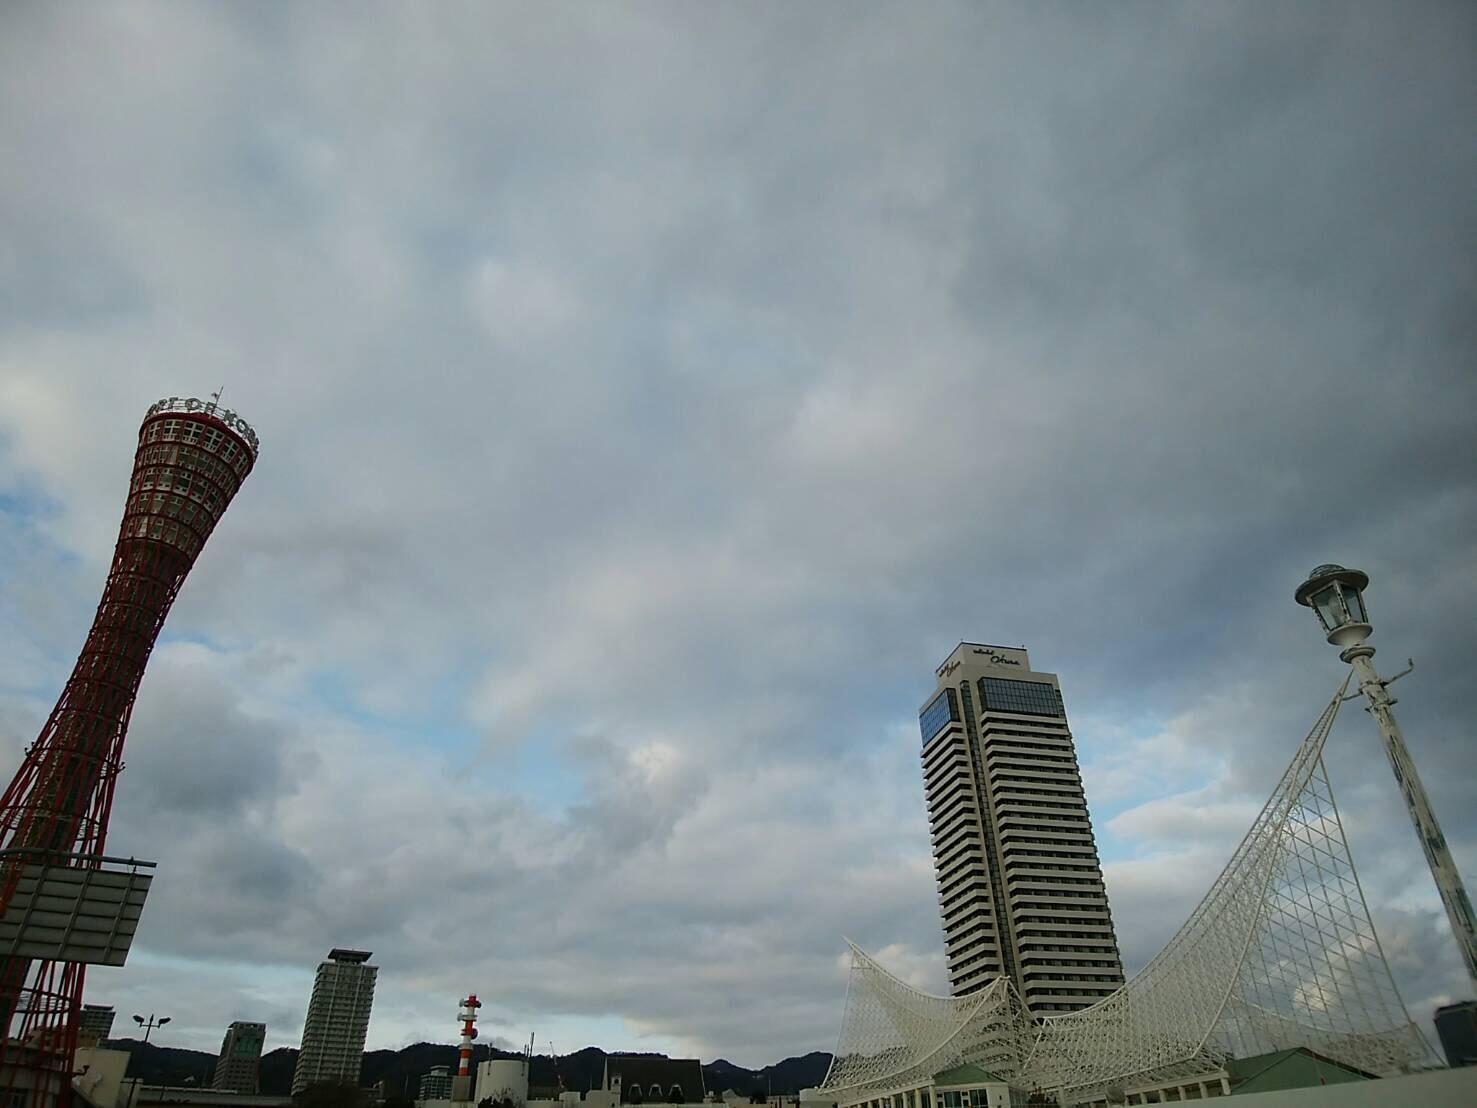 阪神淡路大震災から22年GLADデモカーは神戸に到着